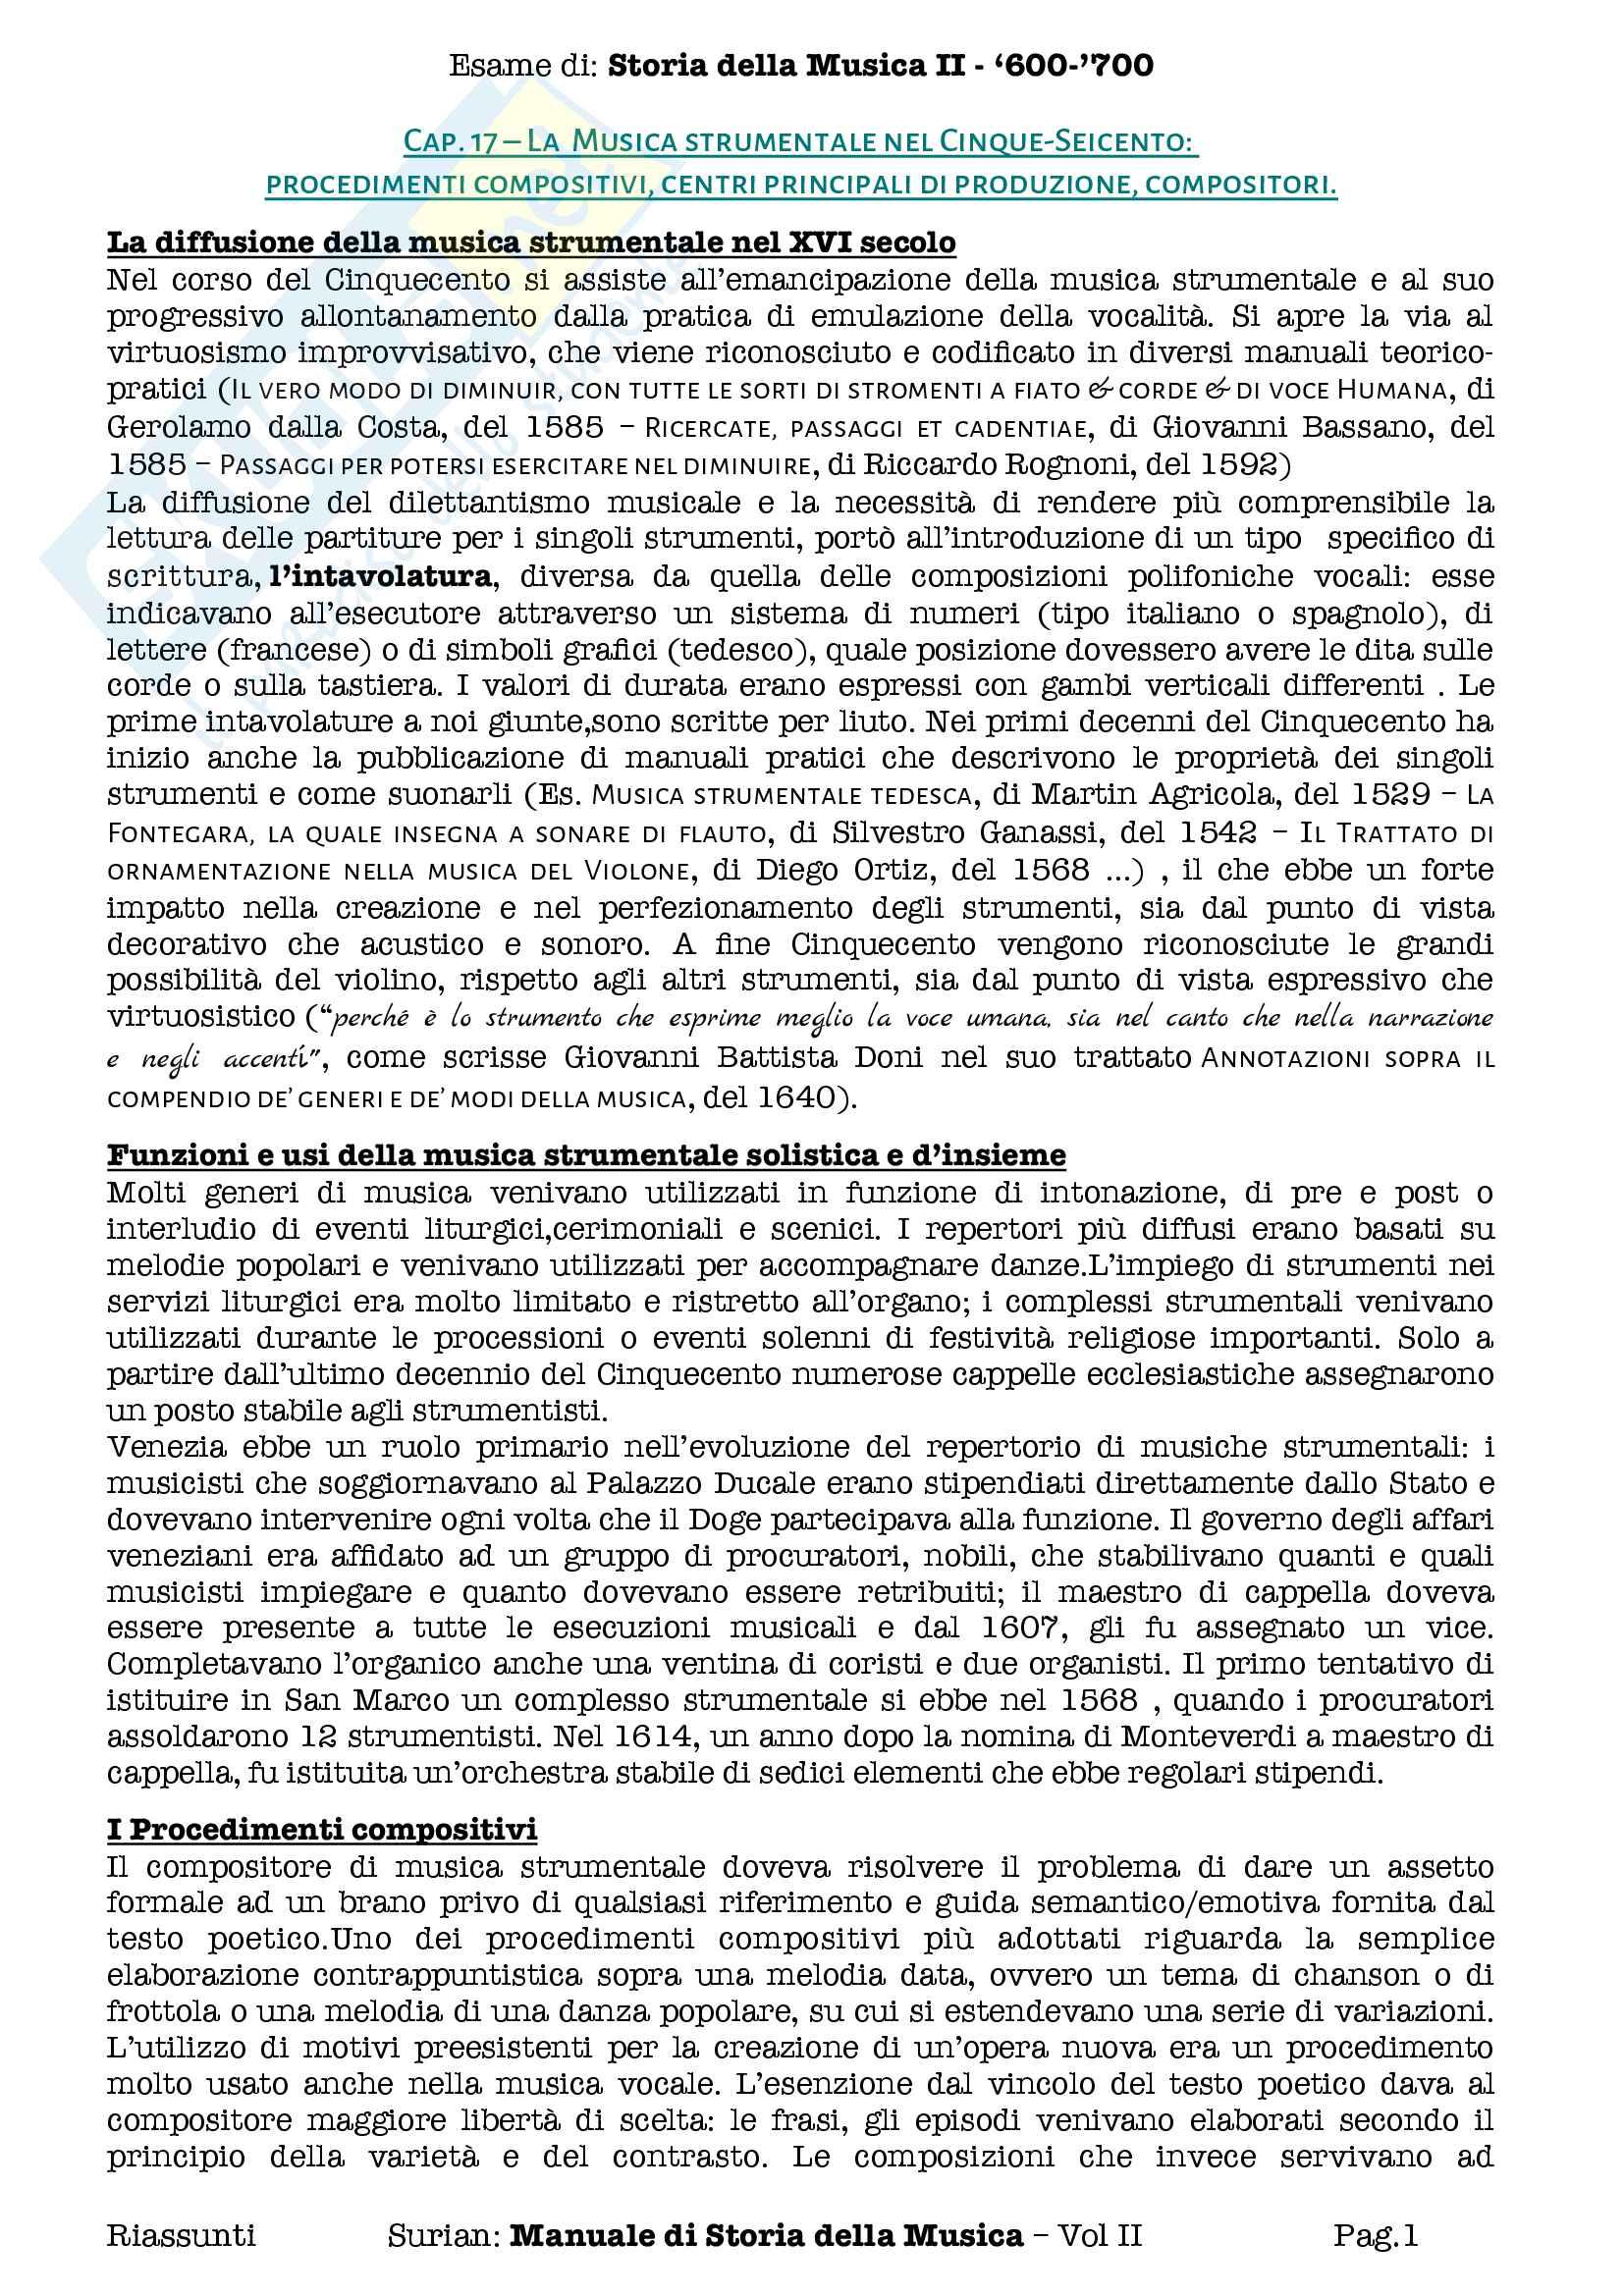 Riassunti esame Storia della Musica II, 600 700, prof Pasquini. Libro consigliato Manuale di Storia della Musica, Surian, Vol II